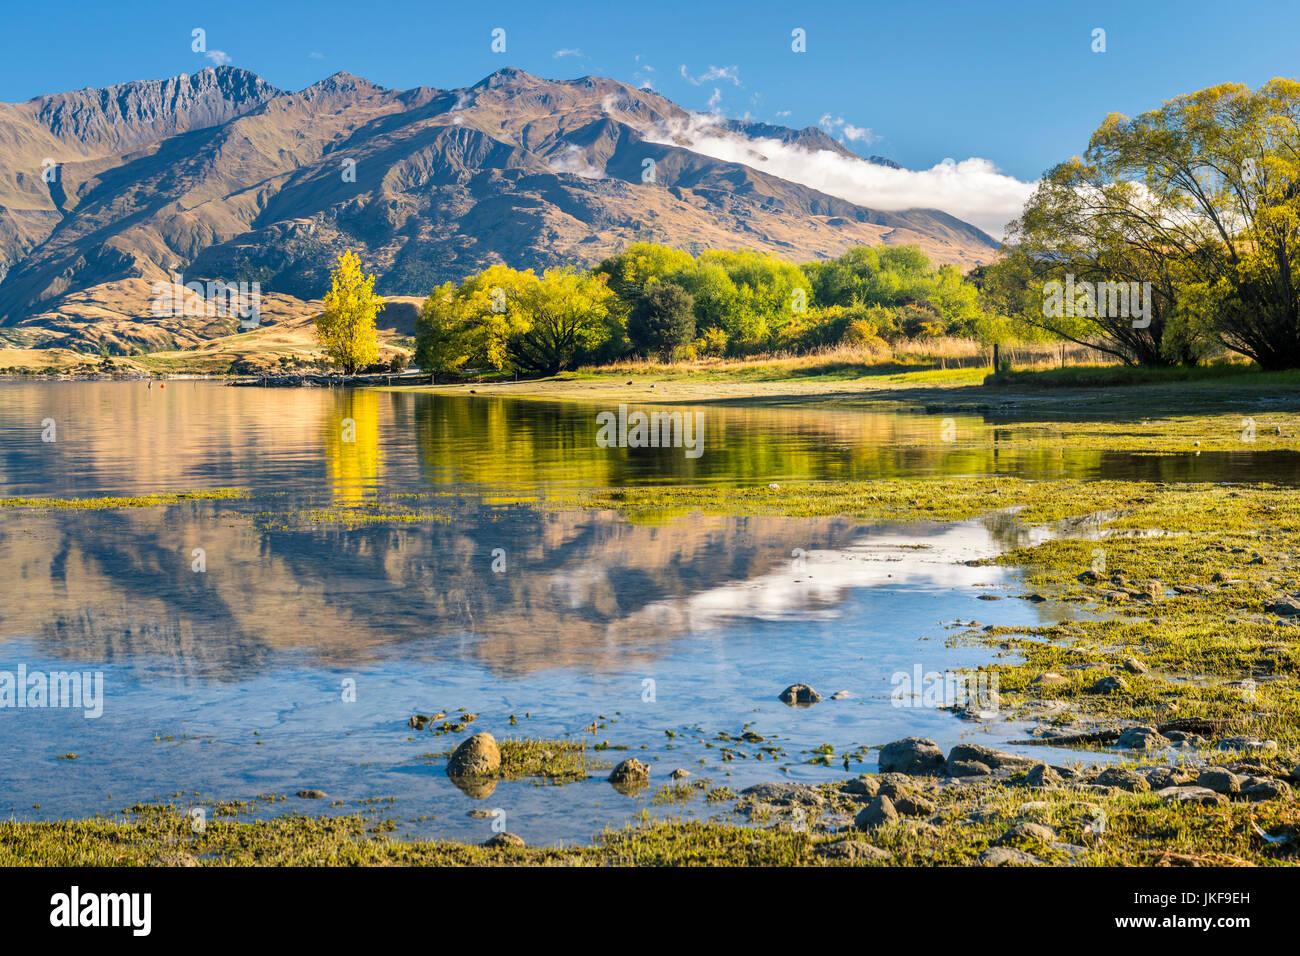 Nueva Zelanda, Isla Sur, gledhu Bay en el lago Wanaka Imagen De Stock